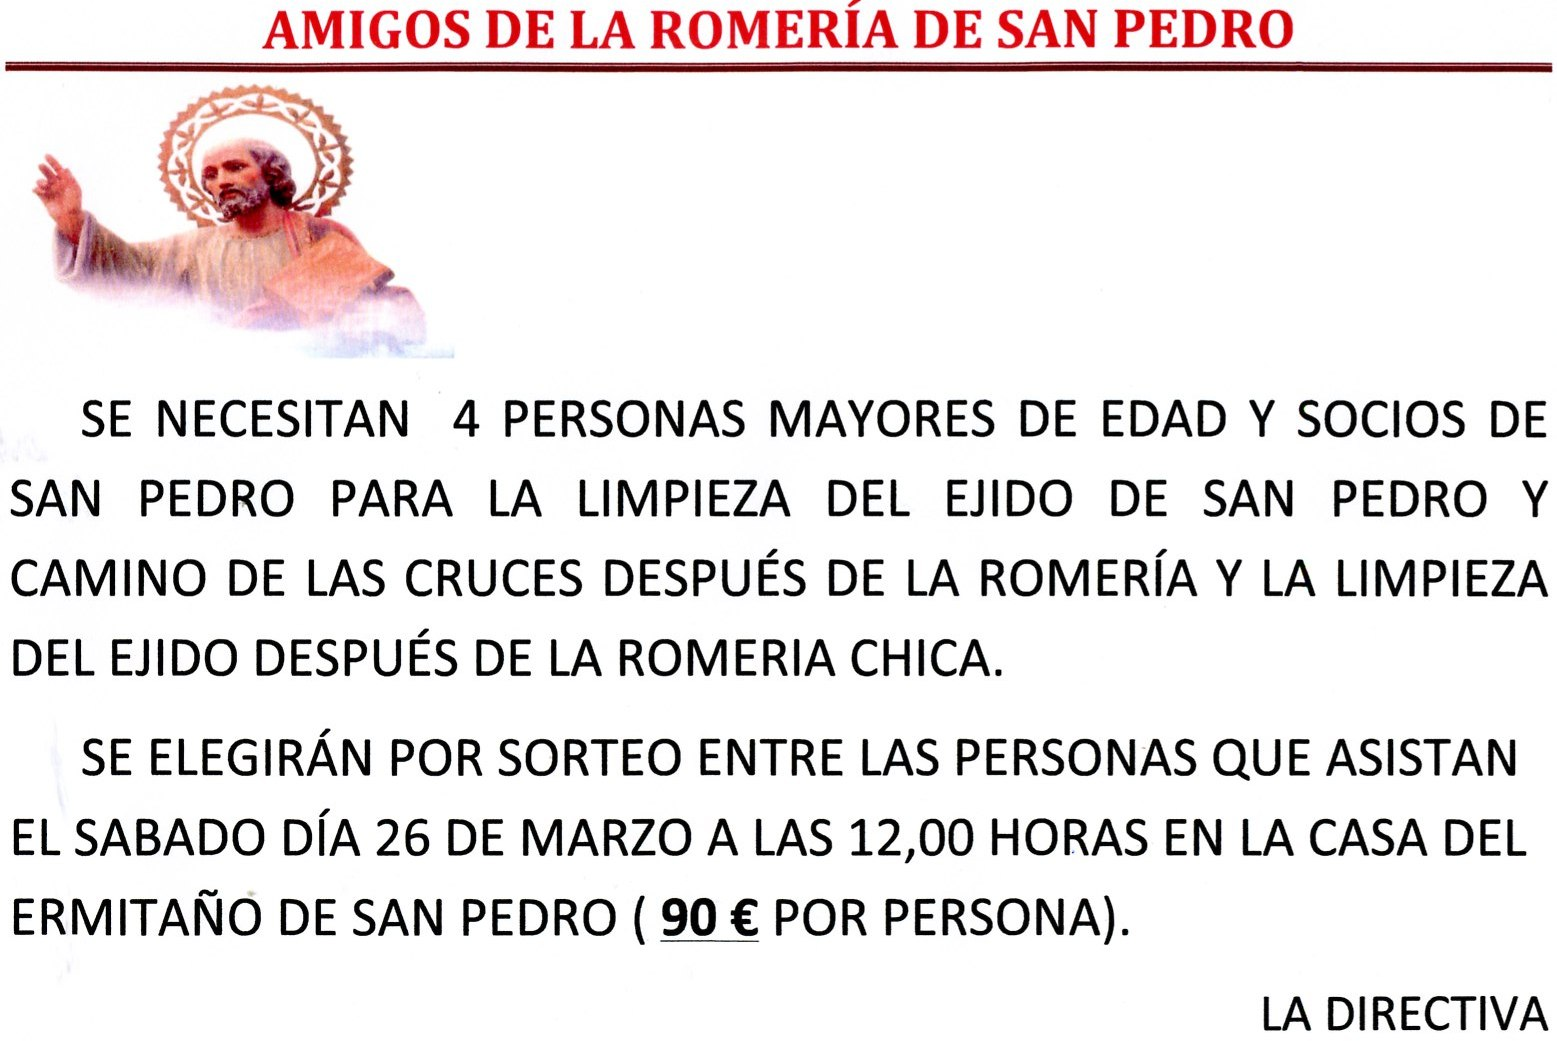 Amigos Romería San Pedro busca cuatro personas para limpiar el día después de la Romeria y Romería Chica